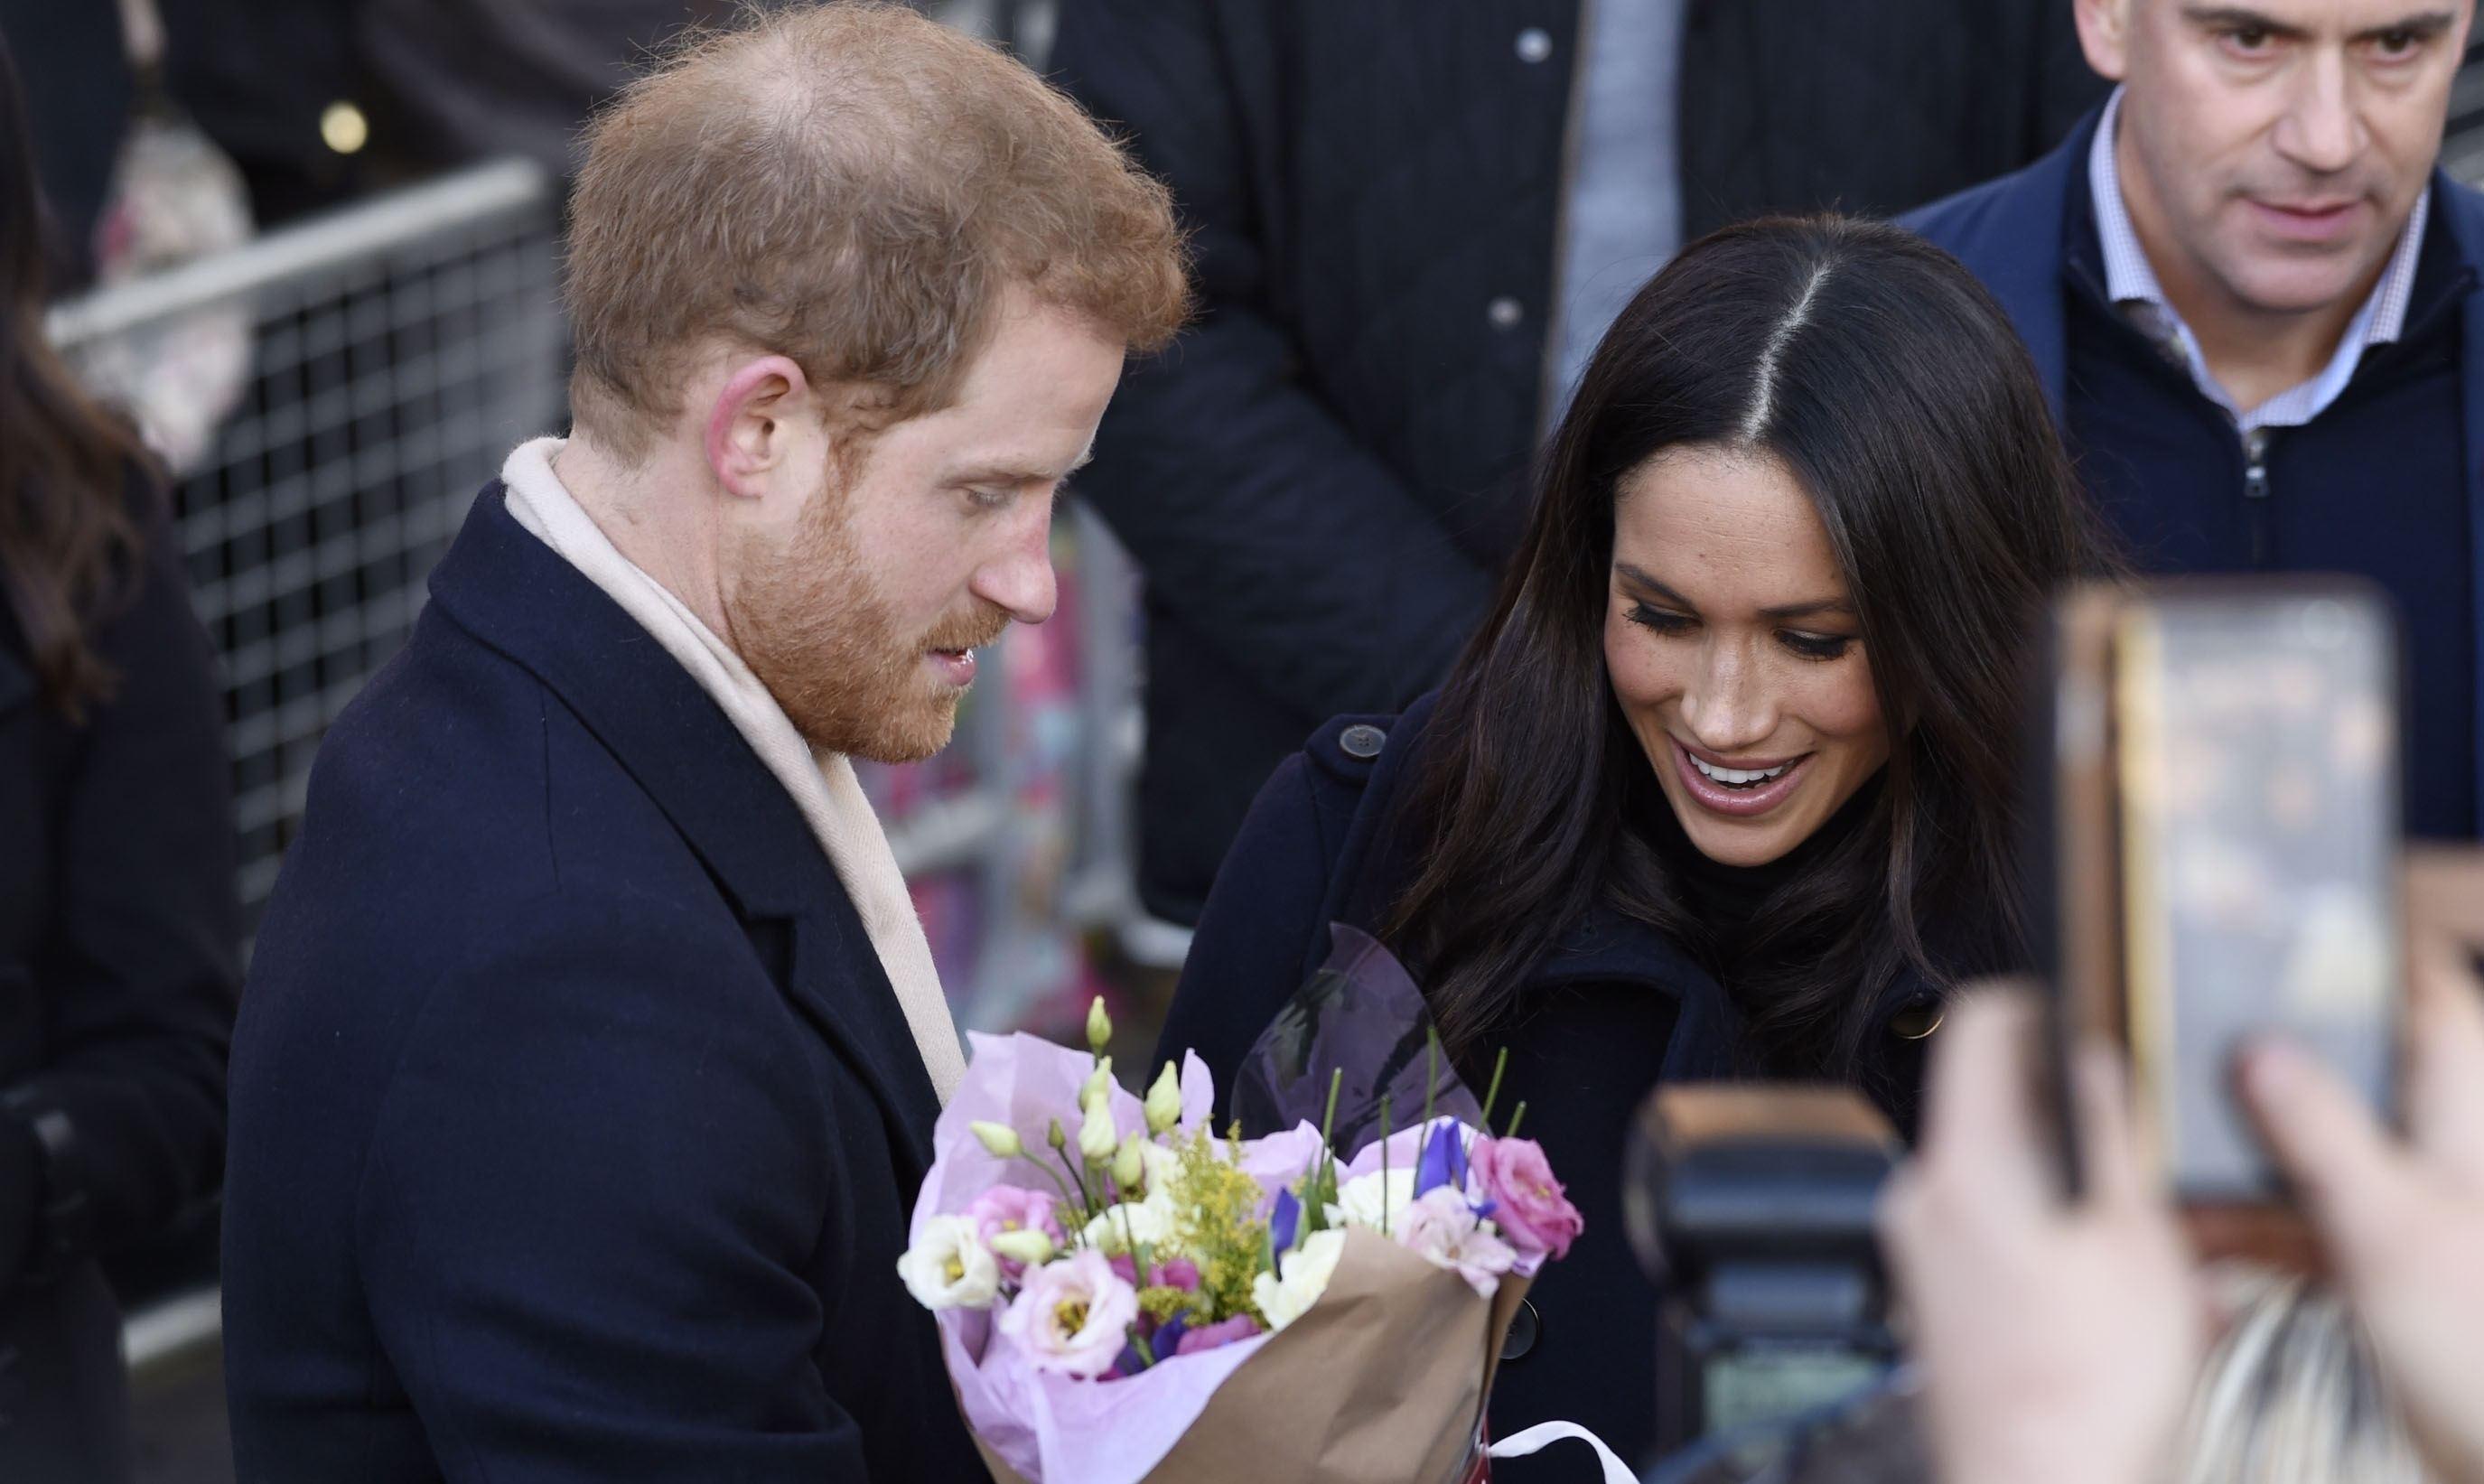 Prinţul Harry şi actriţa americană Meghan Markle au fixat data nunţii